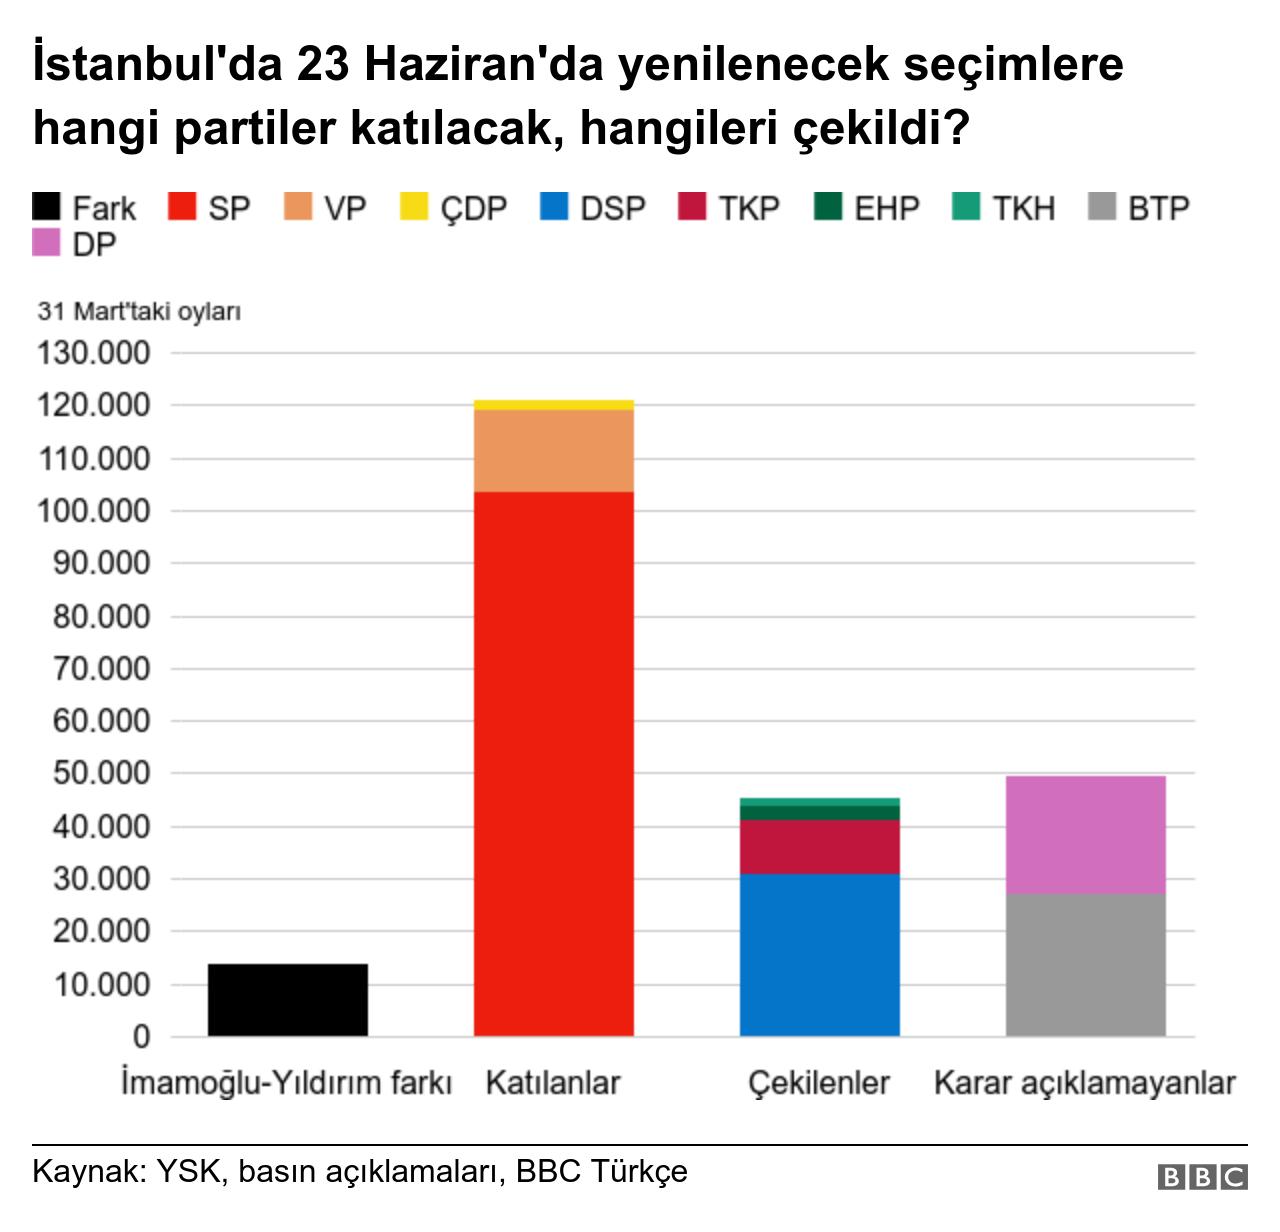 Seçime katılan ve çekilen partiler grafiği